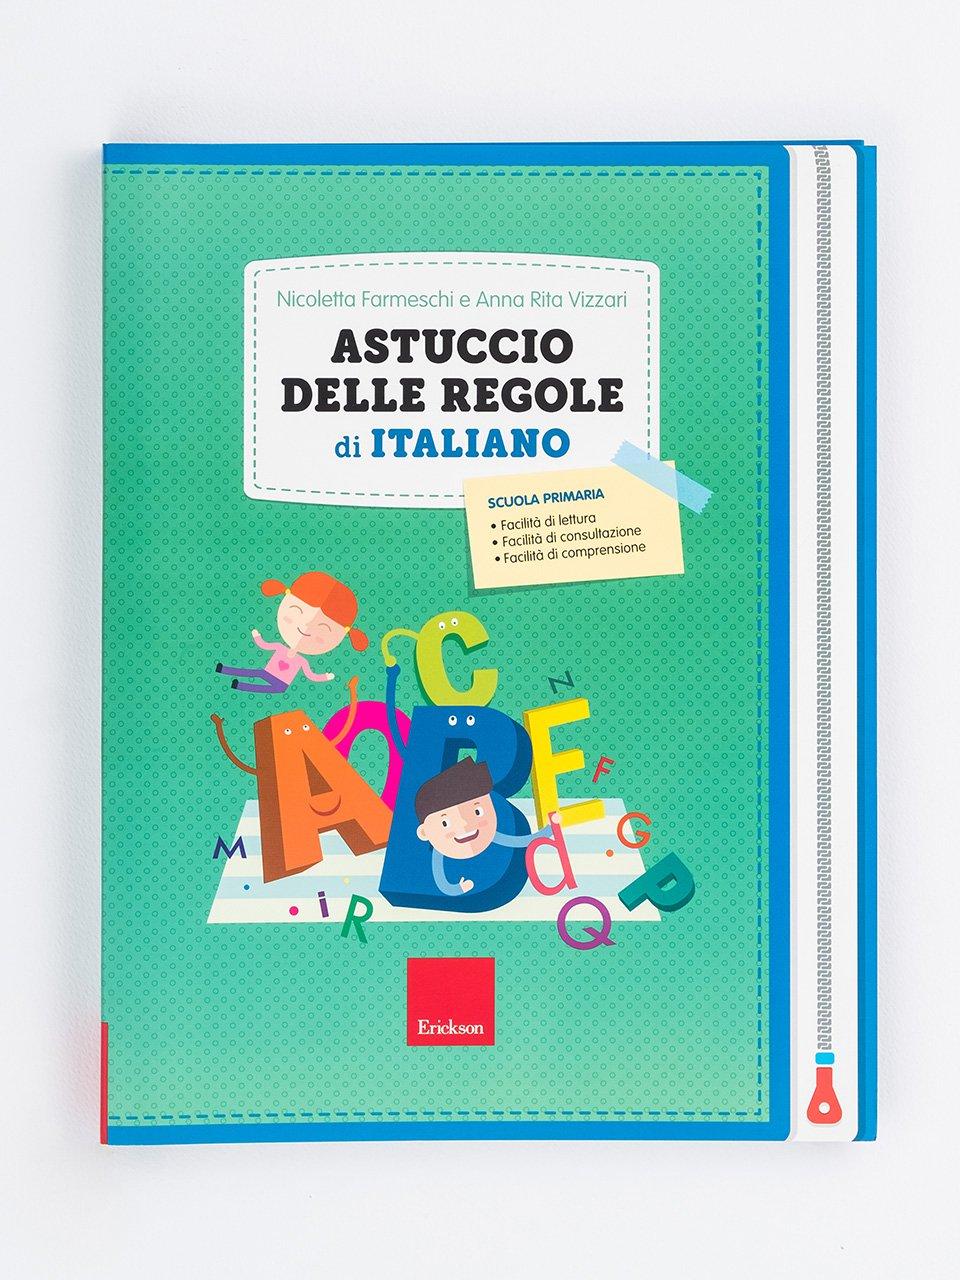 Astuccio delle regole di italiano - Erickson: libri e formazione per didattica, psicologia e sociale